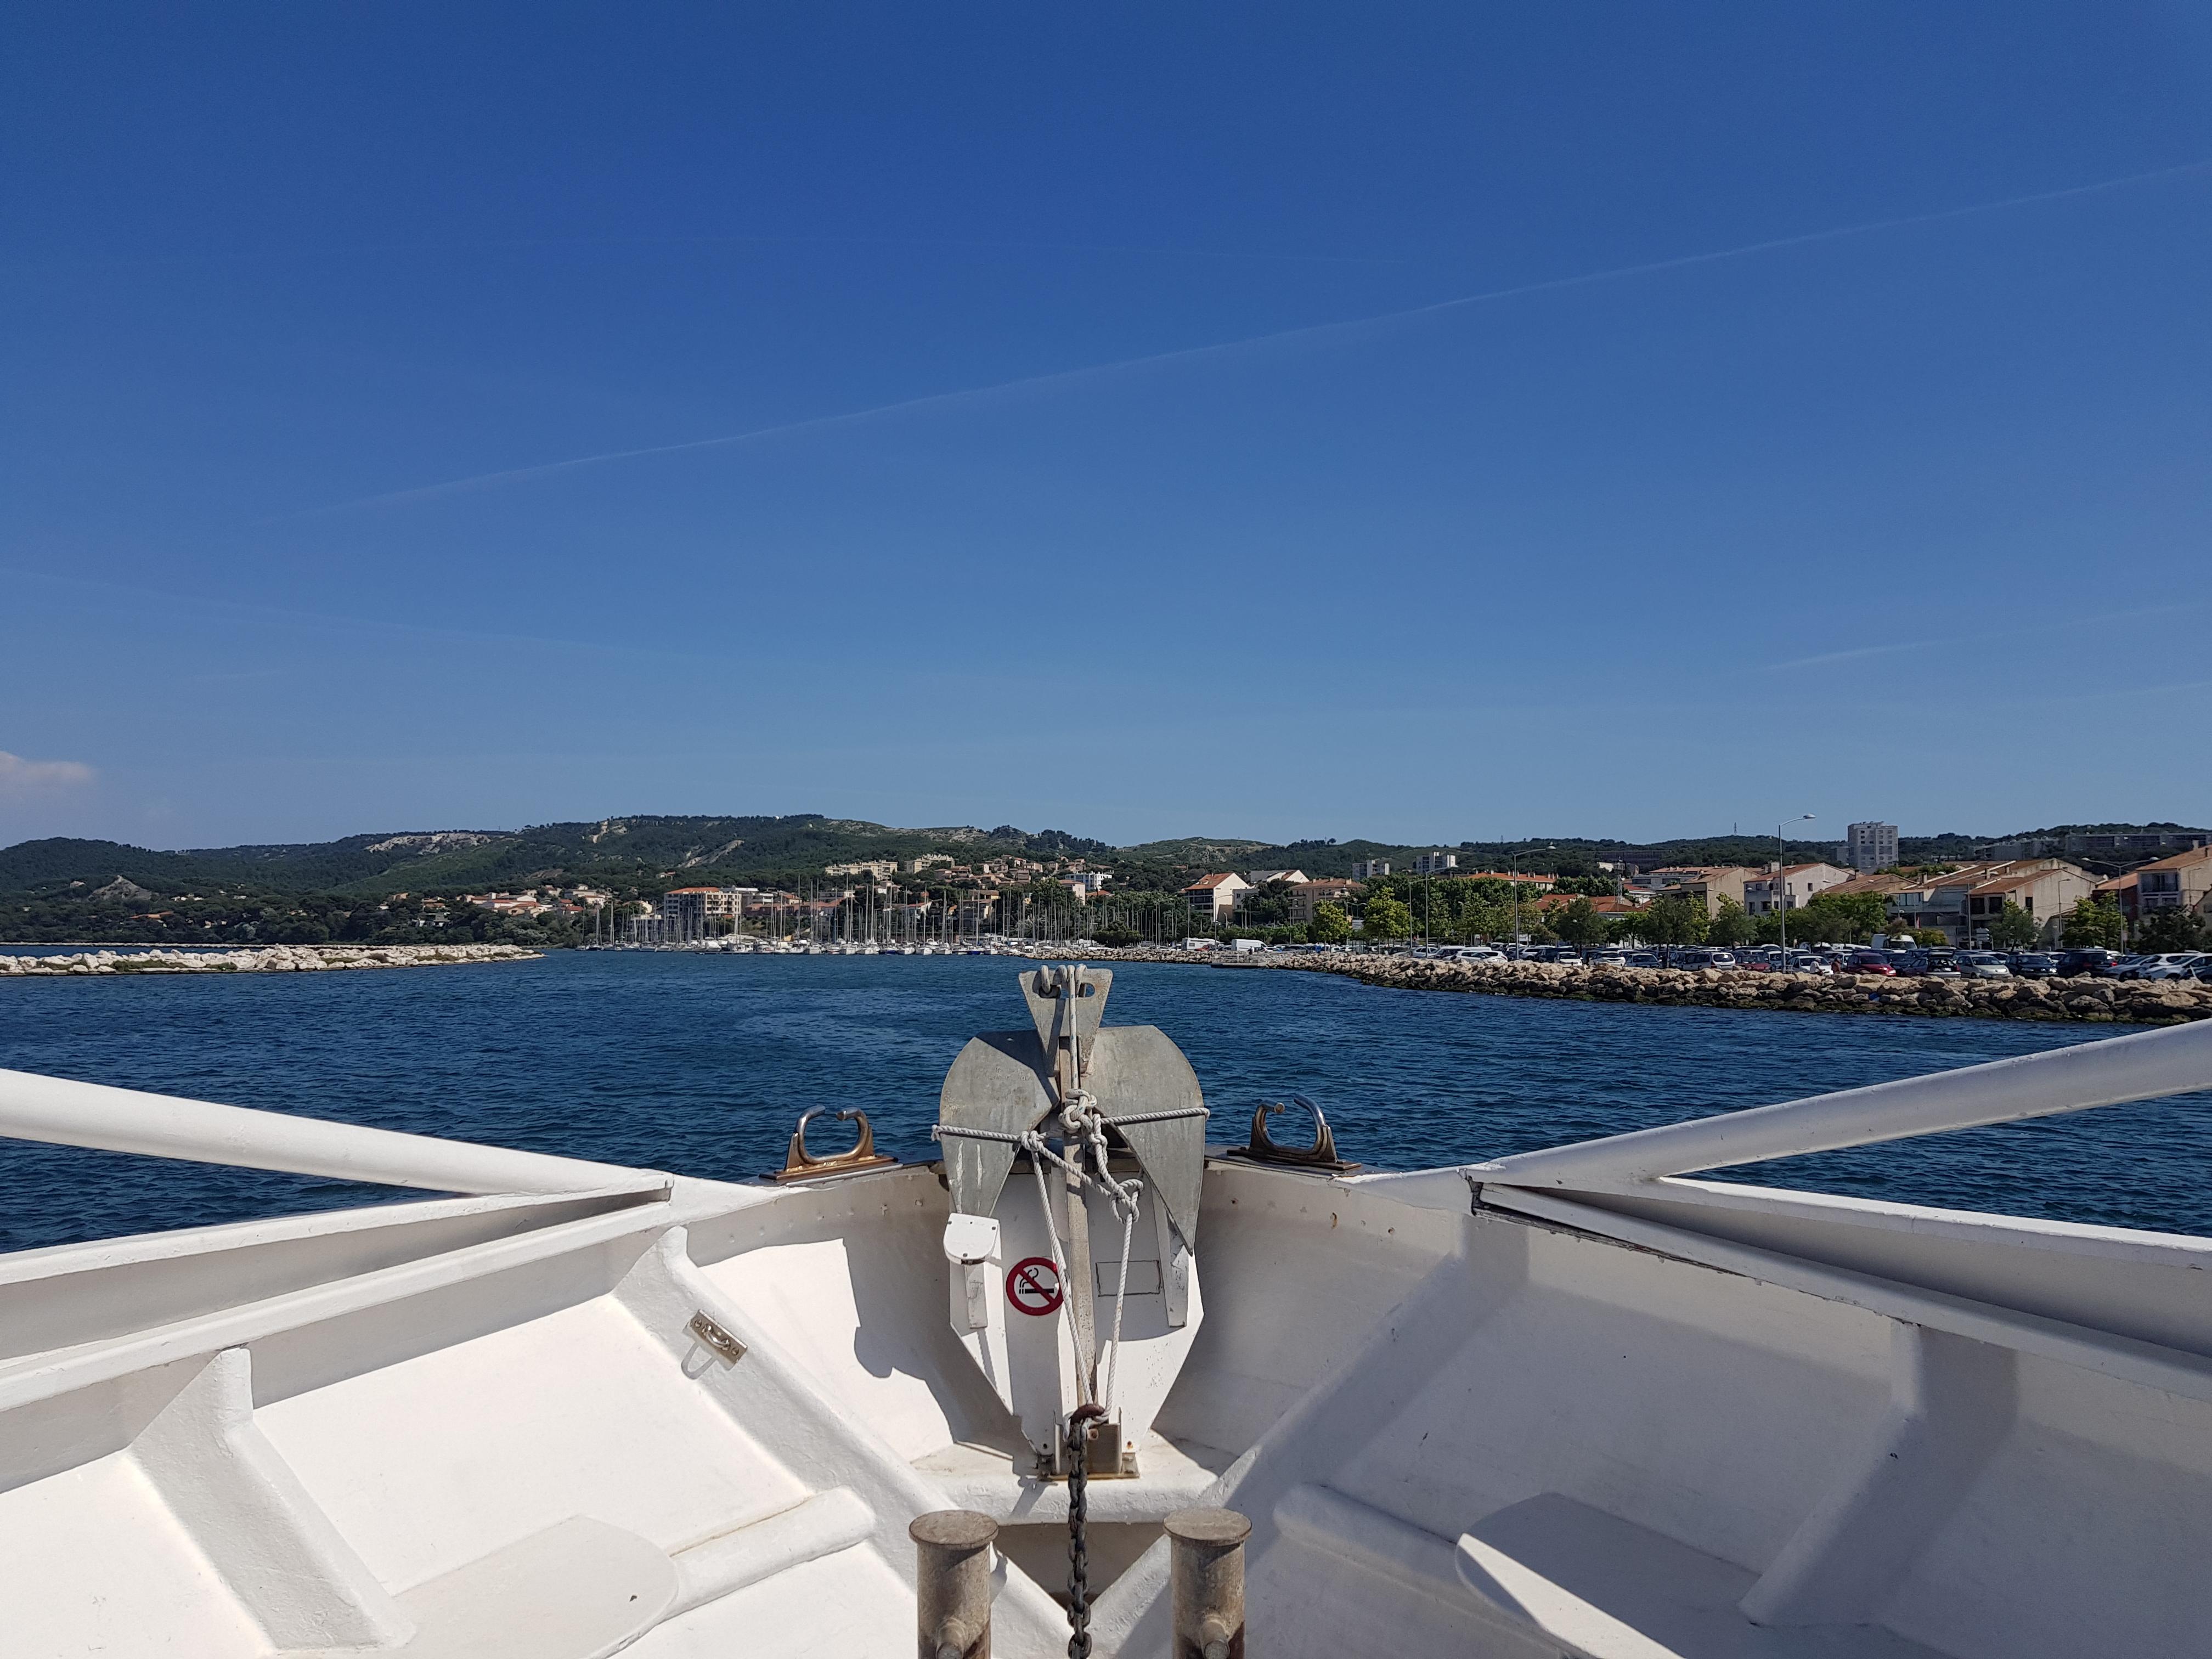 Balade en bateau sur l'étang de Berre ©otmartigues-melindac - © ©otmartigues-melindac